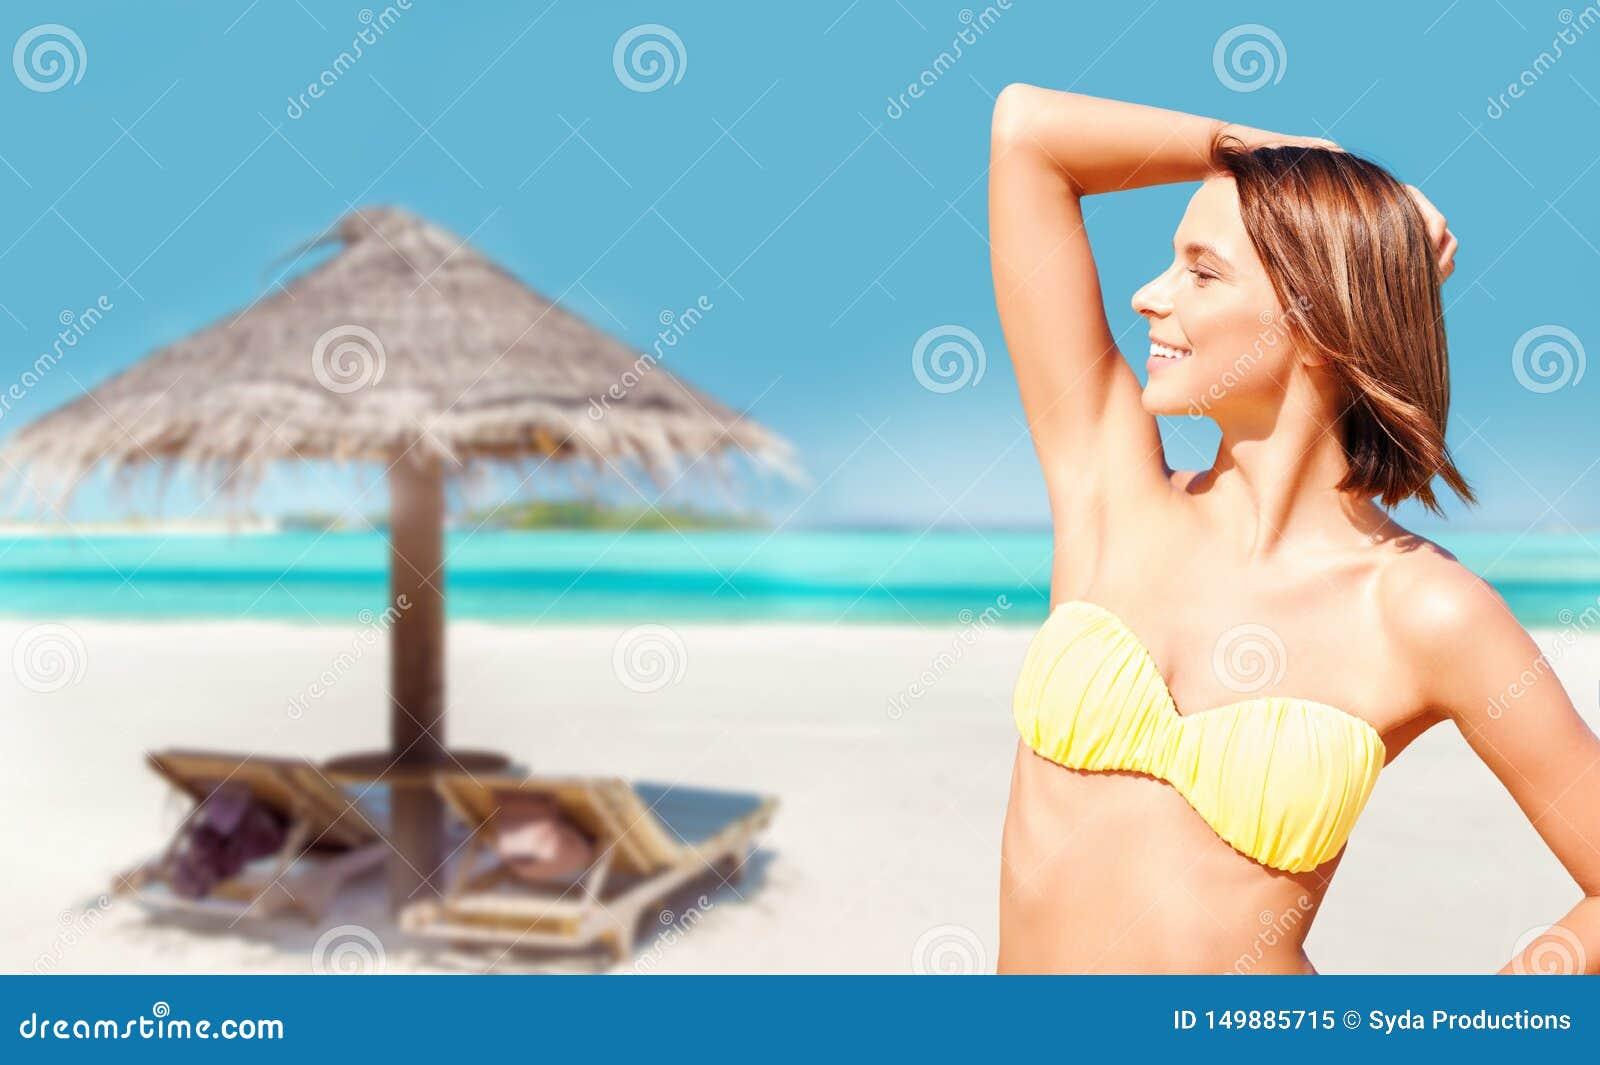 Νέα τοποθέτηση γυναικών στο μπικίνι στην παραλία